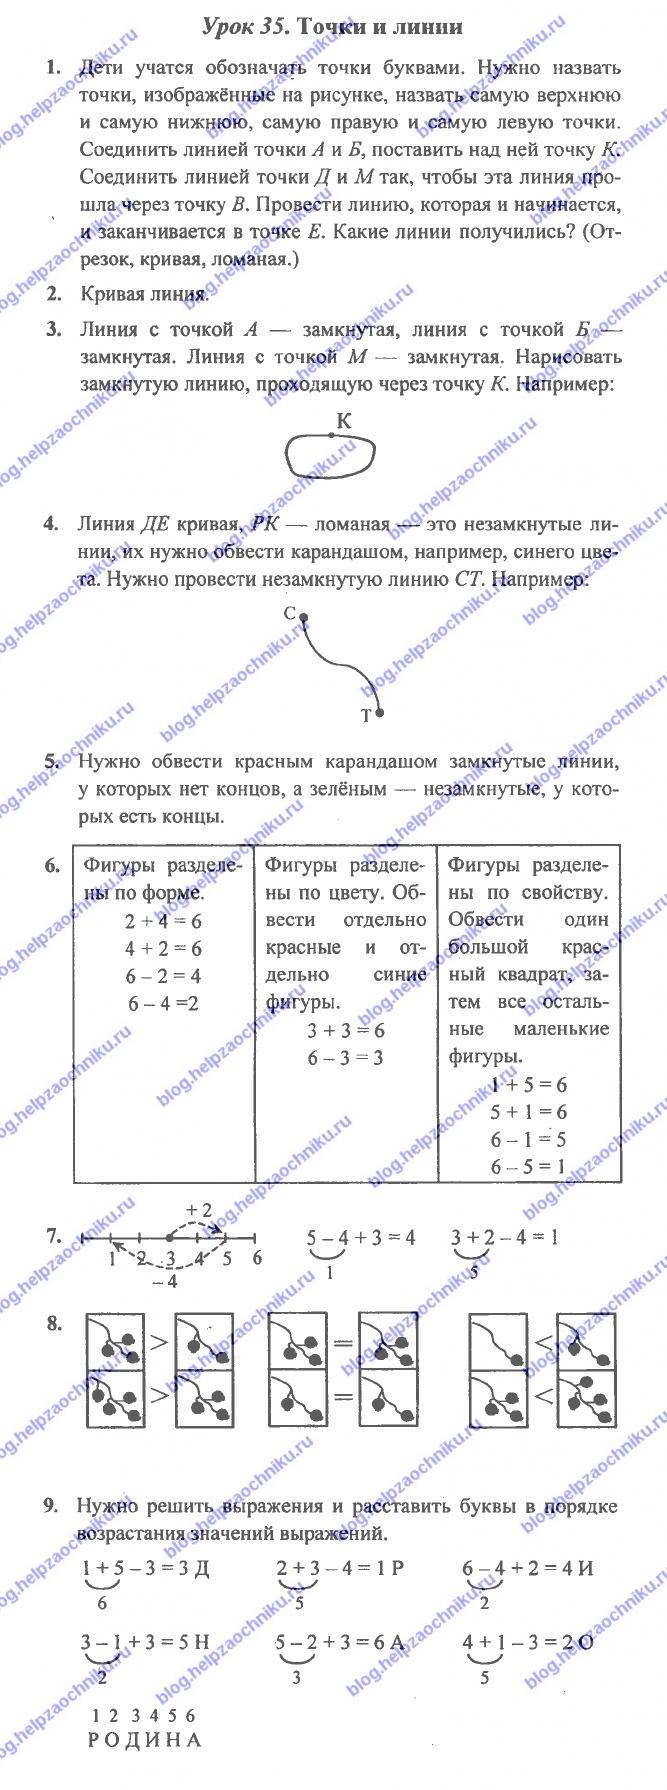 ГДЗ (решебник) математика Л. Г. Петерсон 1 класс 1 часть урок 35